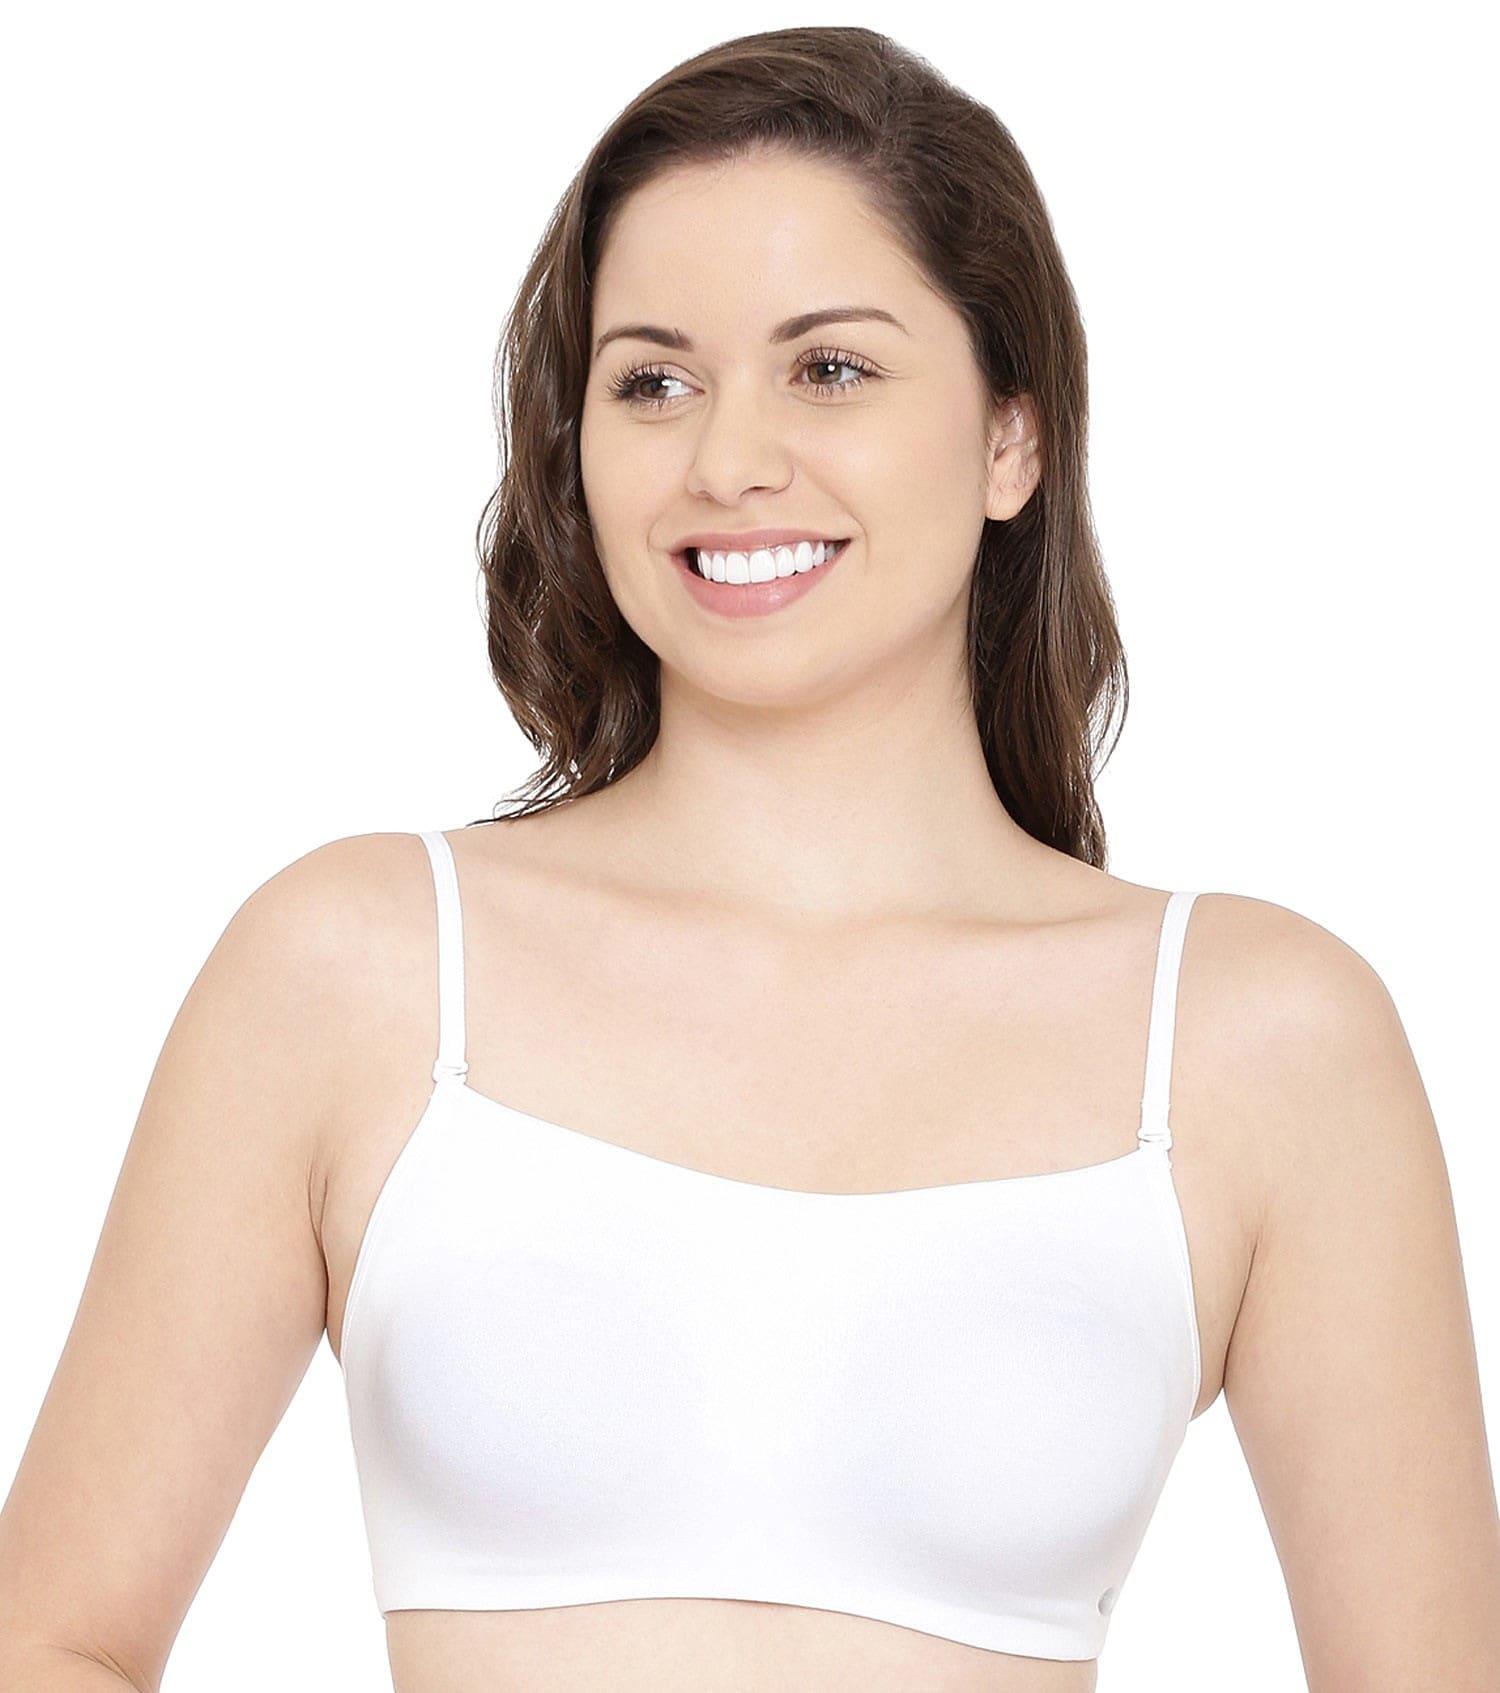 Women A022 Basic Cotton Bra (S,White)